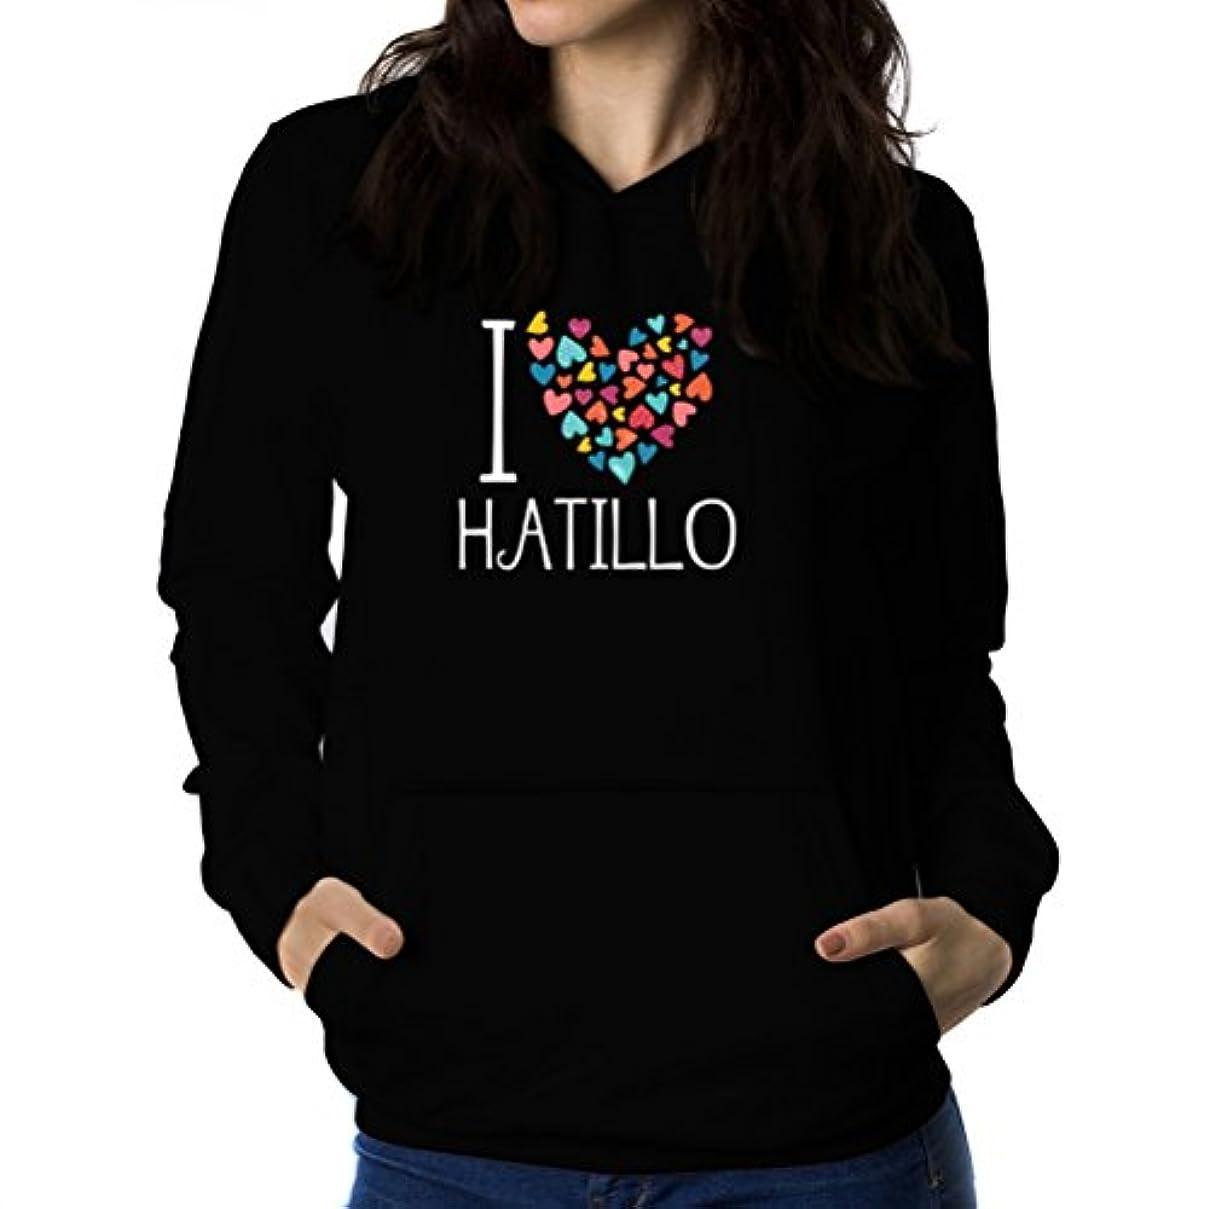 共同選択日曜日孤児I love Hatillo colorful hearts 女性 フーディー